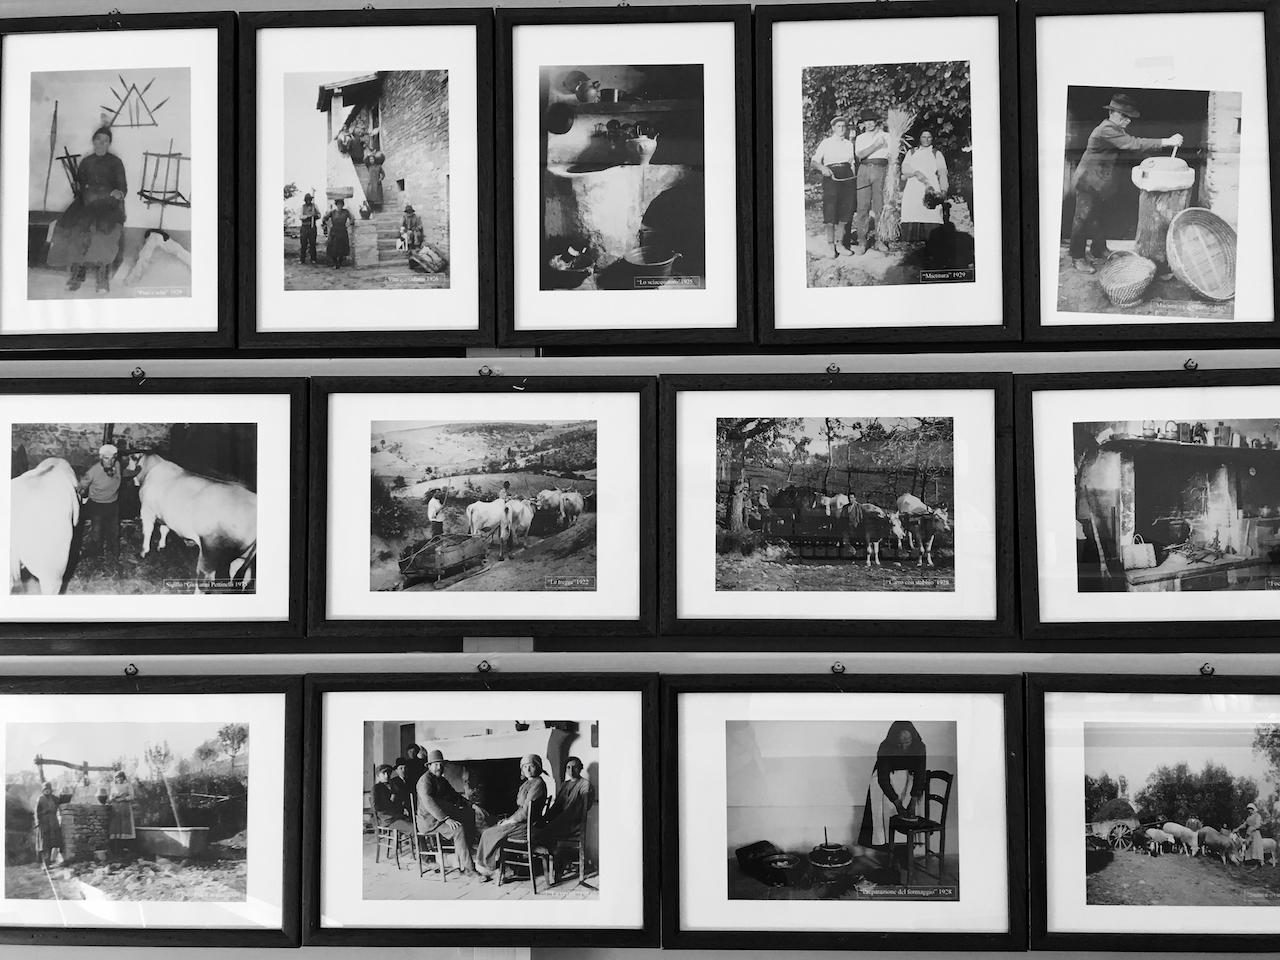 Bilder von der Familie und Bauerntum in Umbrien, Brescia.